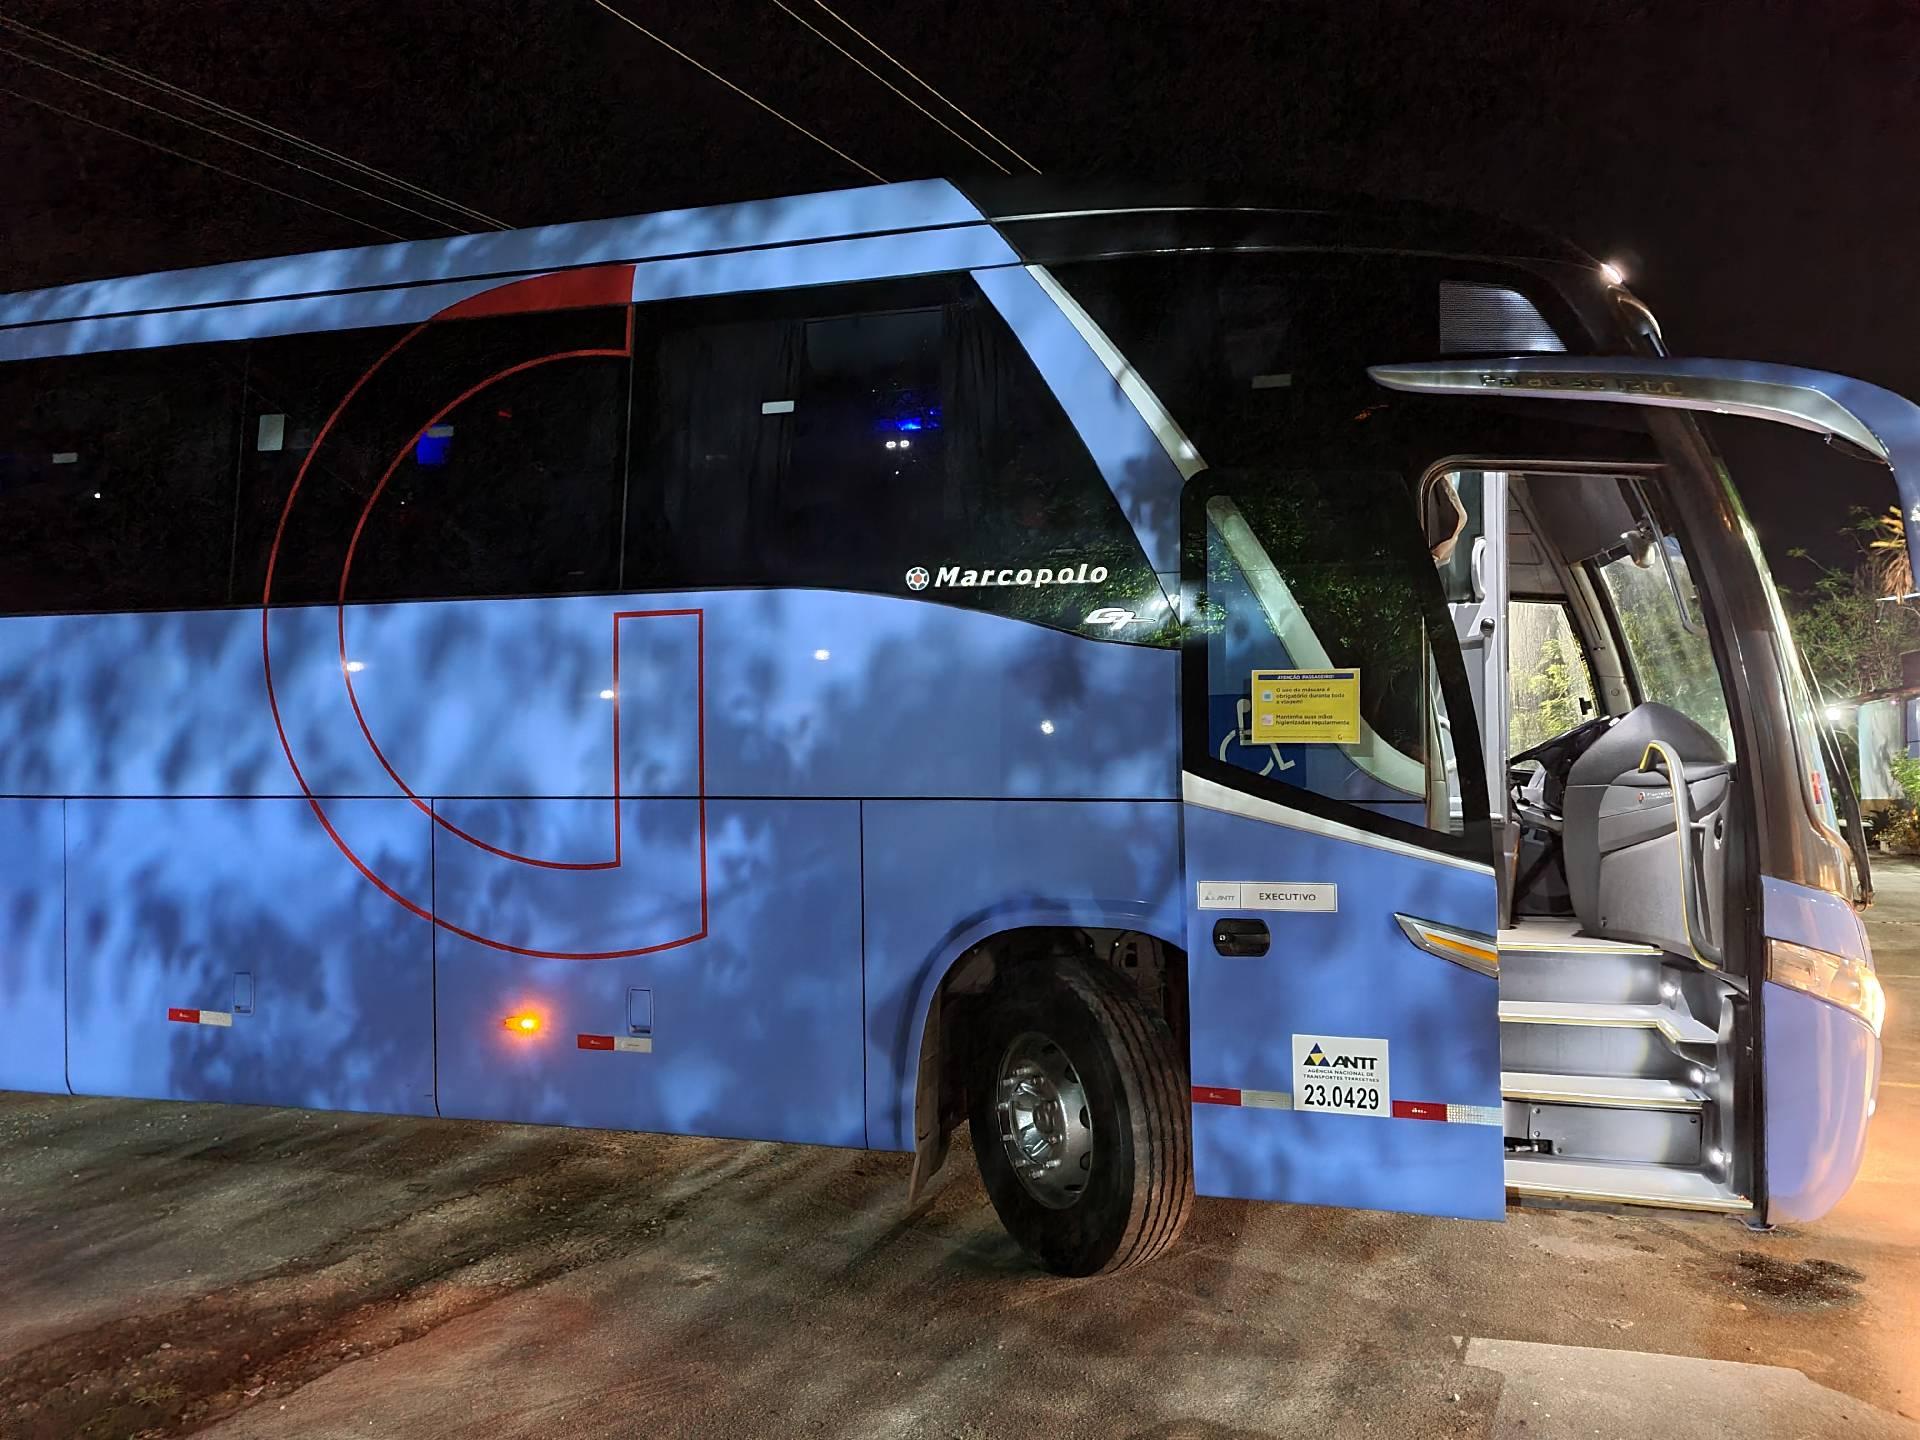 междугородный автобус в Бразилии